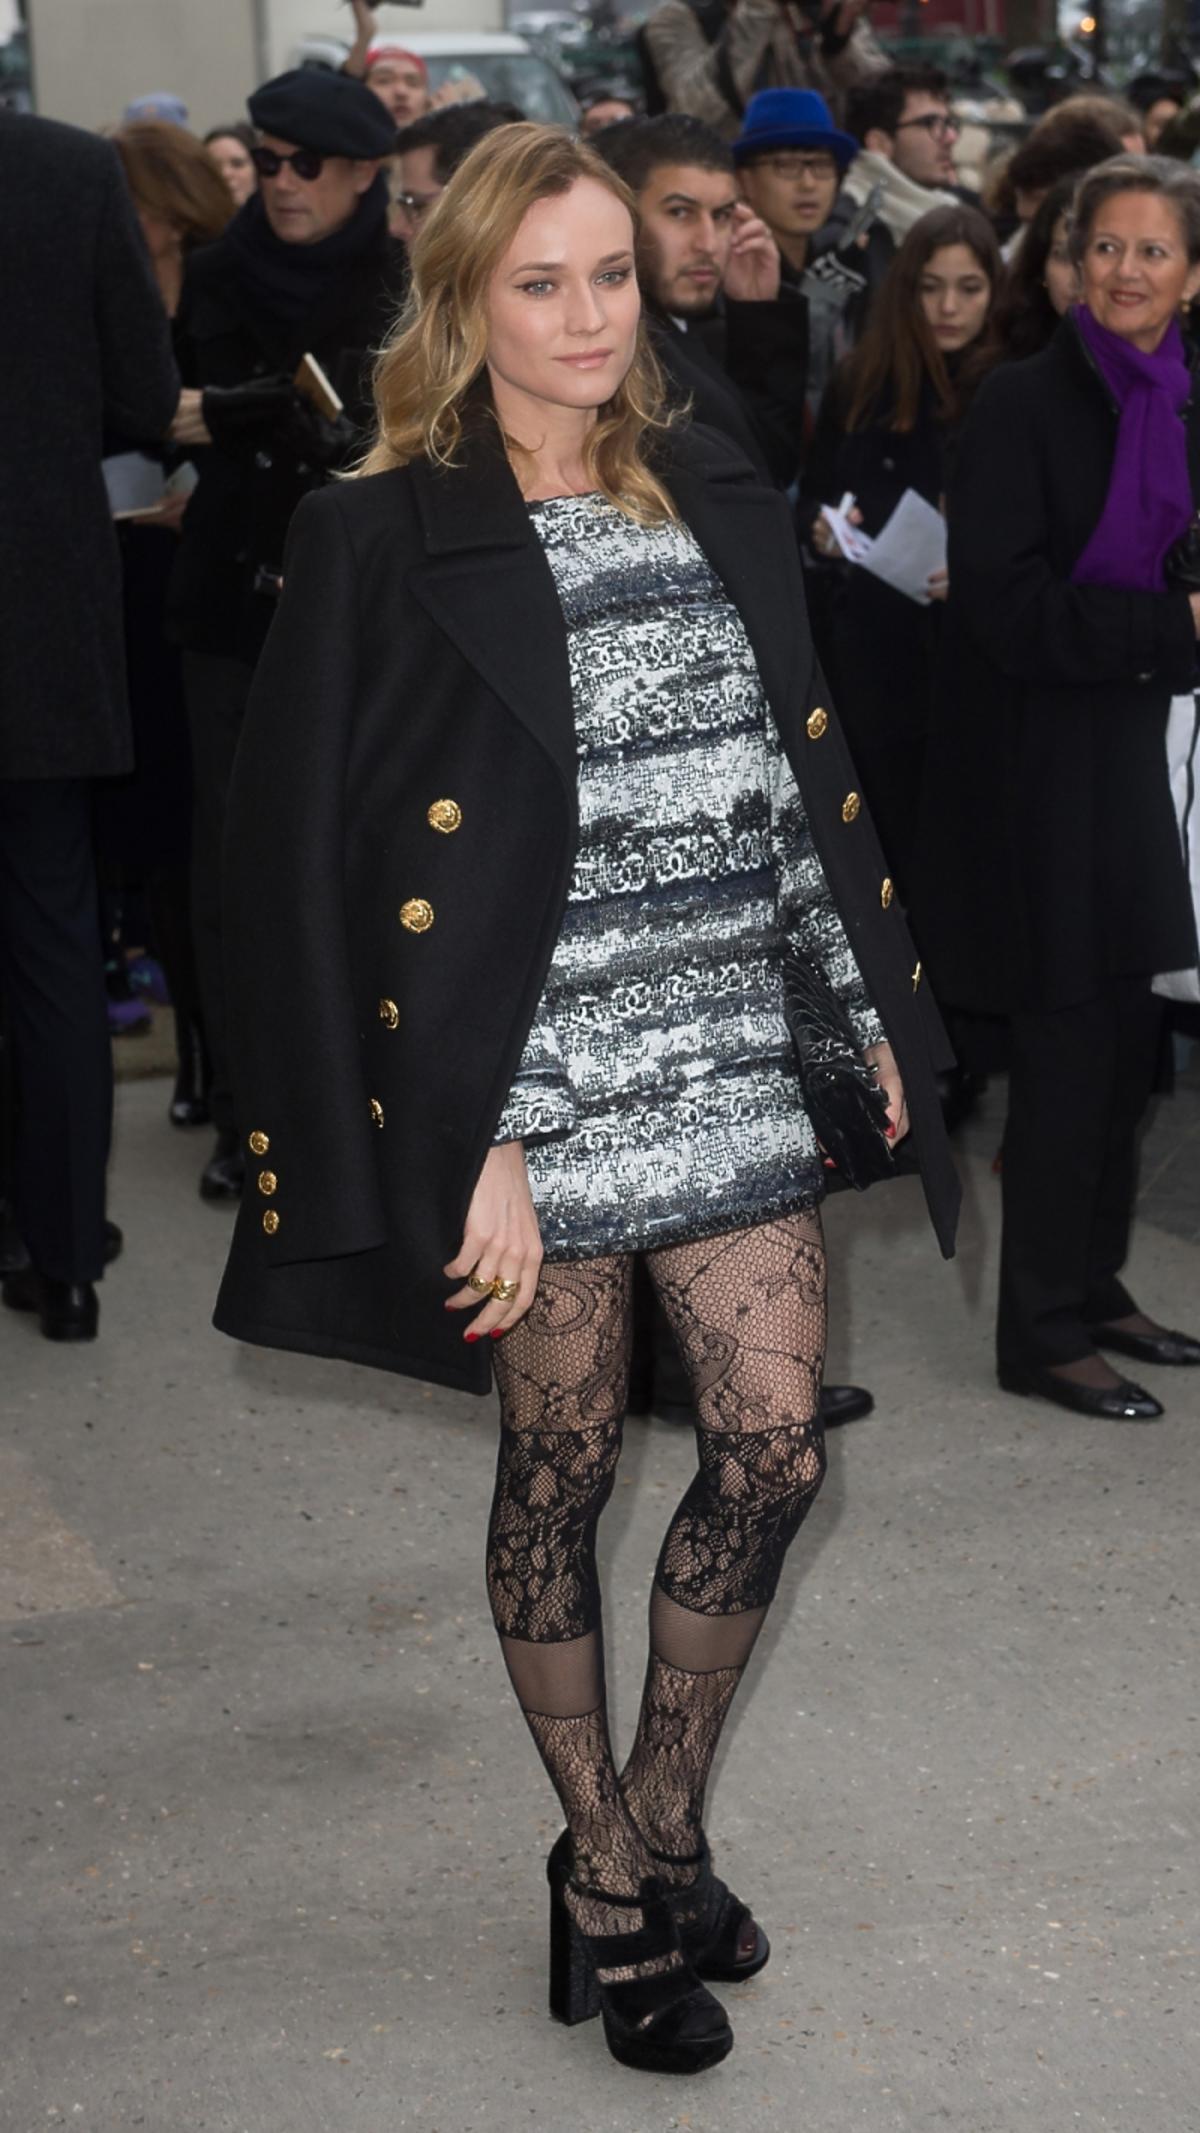 Diane Kruger w koronkowych rajstopach, sandałach, sukience w paski i czarnym plaszczu